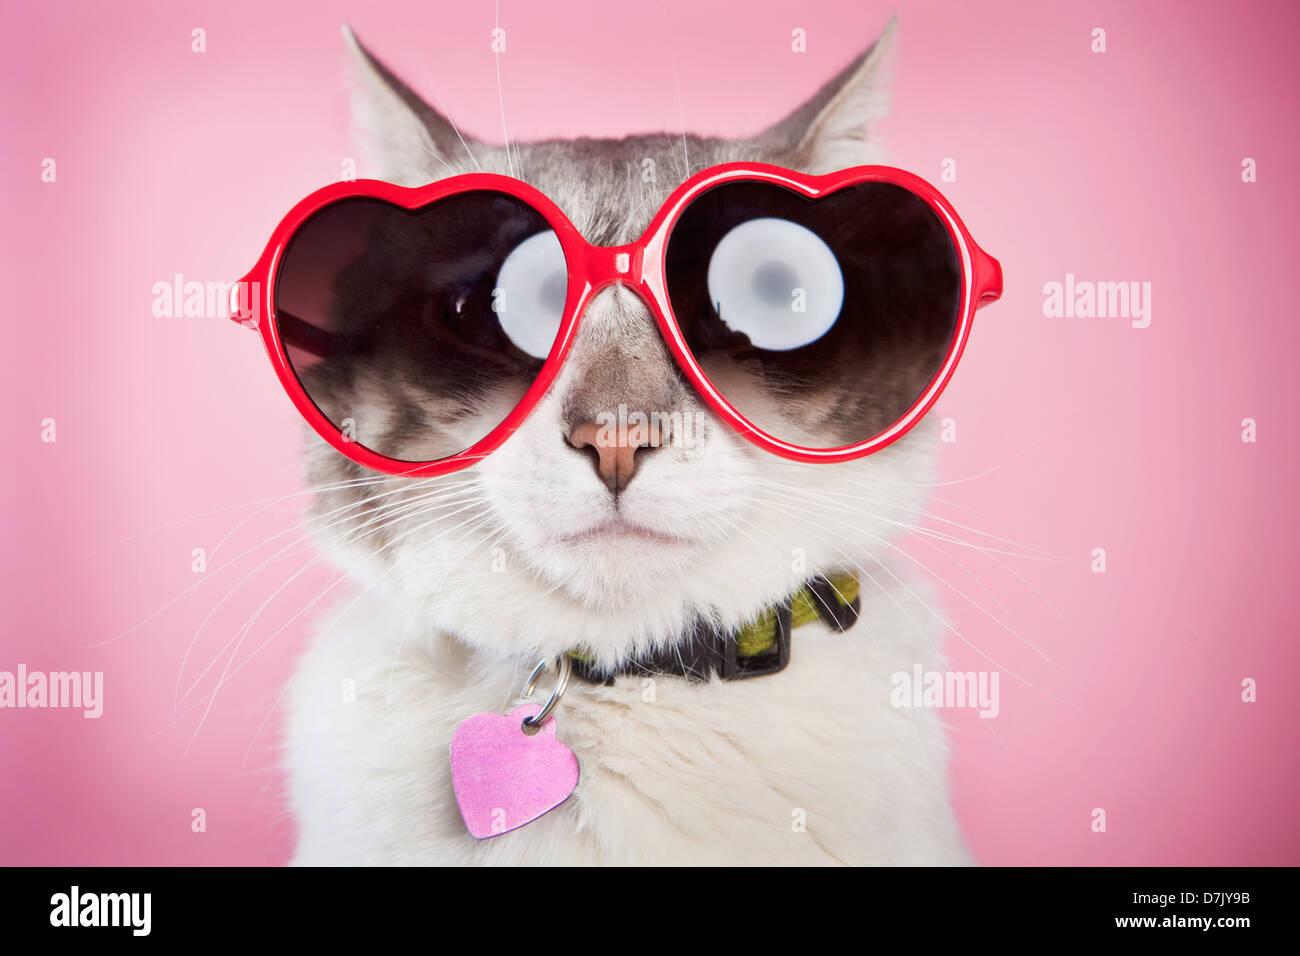 Valentine cat in posa con amore rosso occhiali da sole contro sfondo rosa Foto Stock